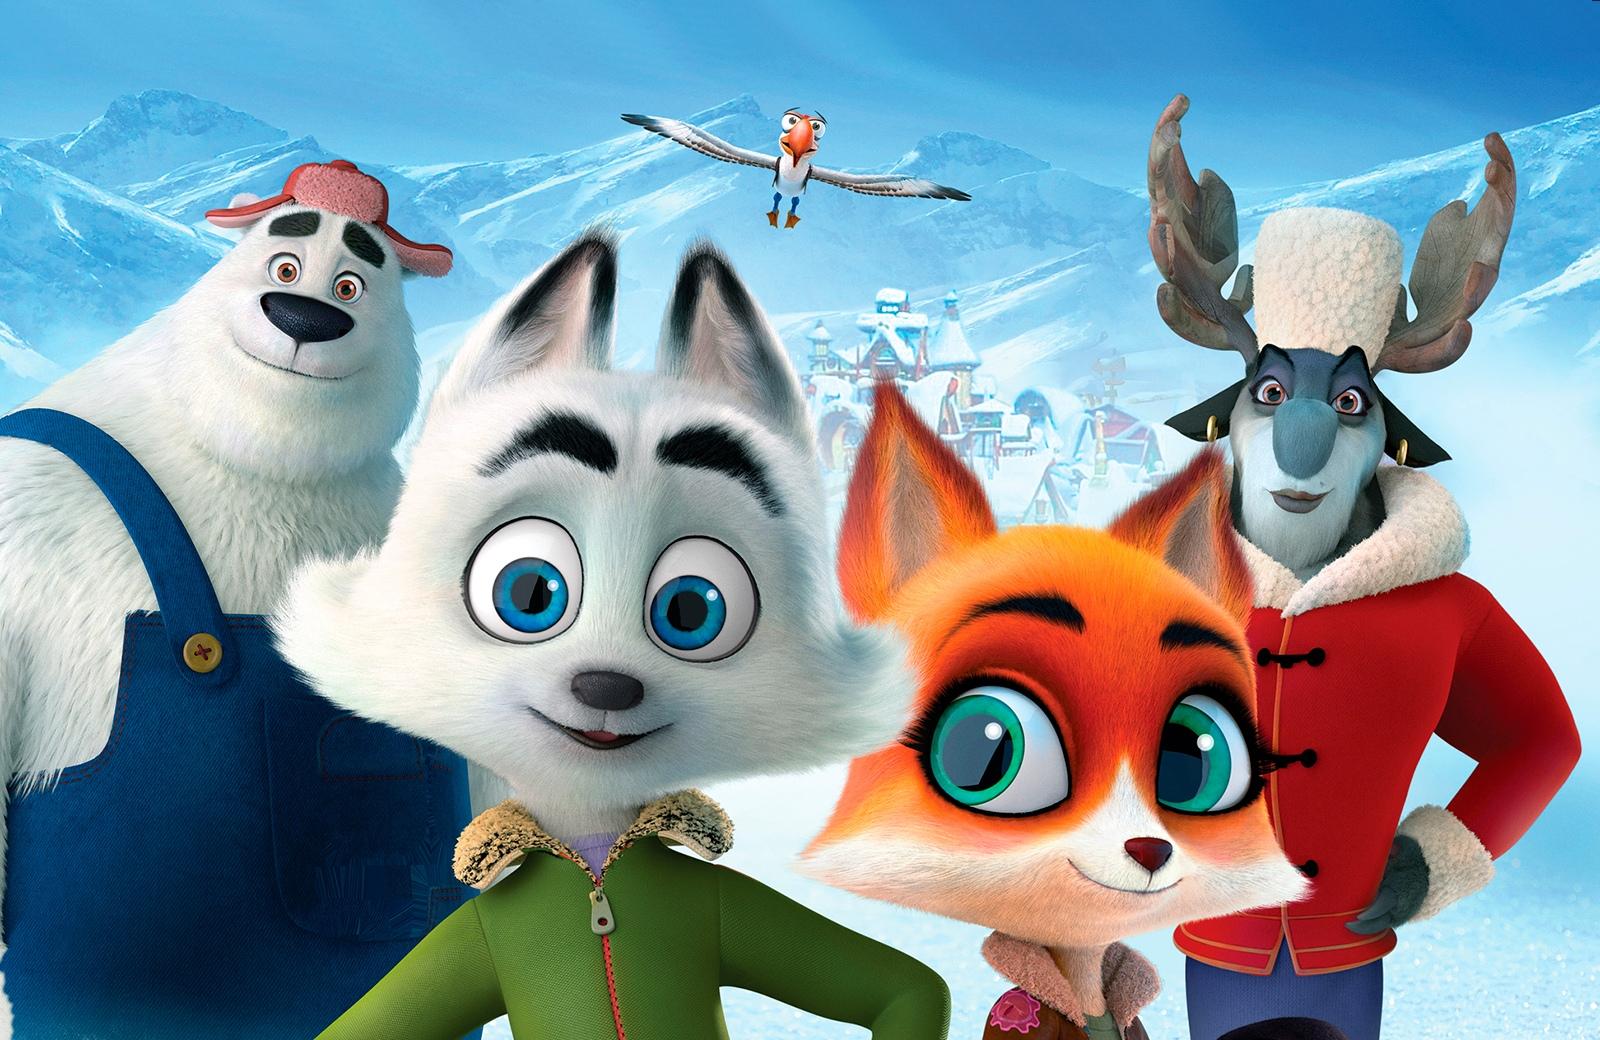 Стражи Арктики 2019 мультфильм в качестве hd бесплатно